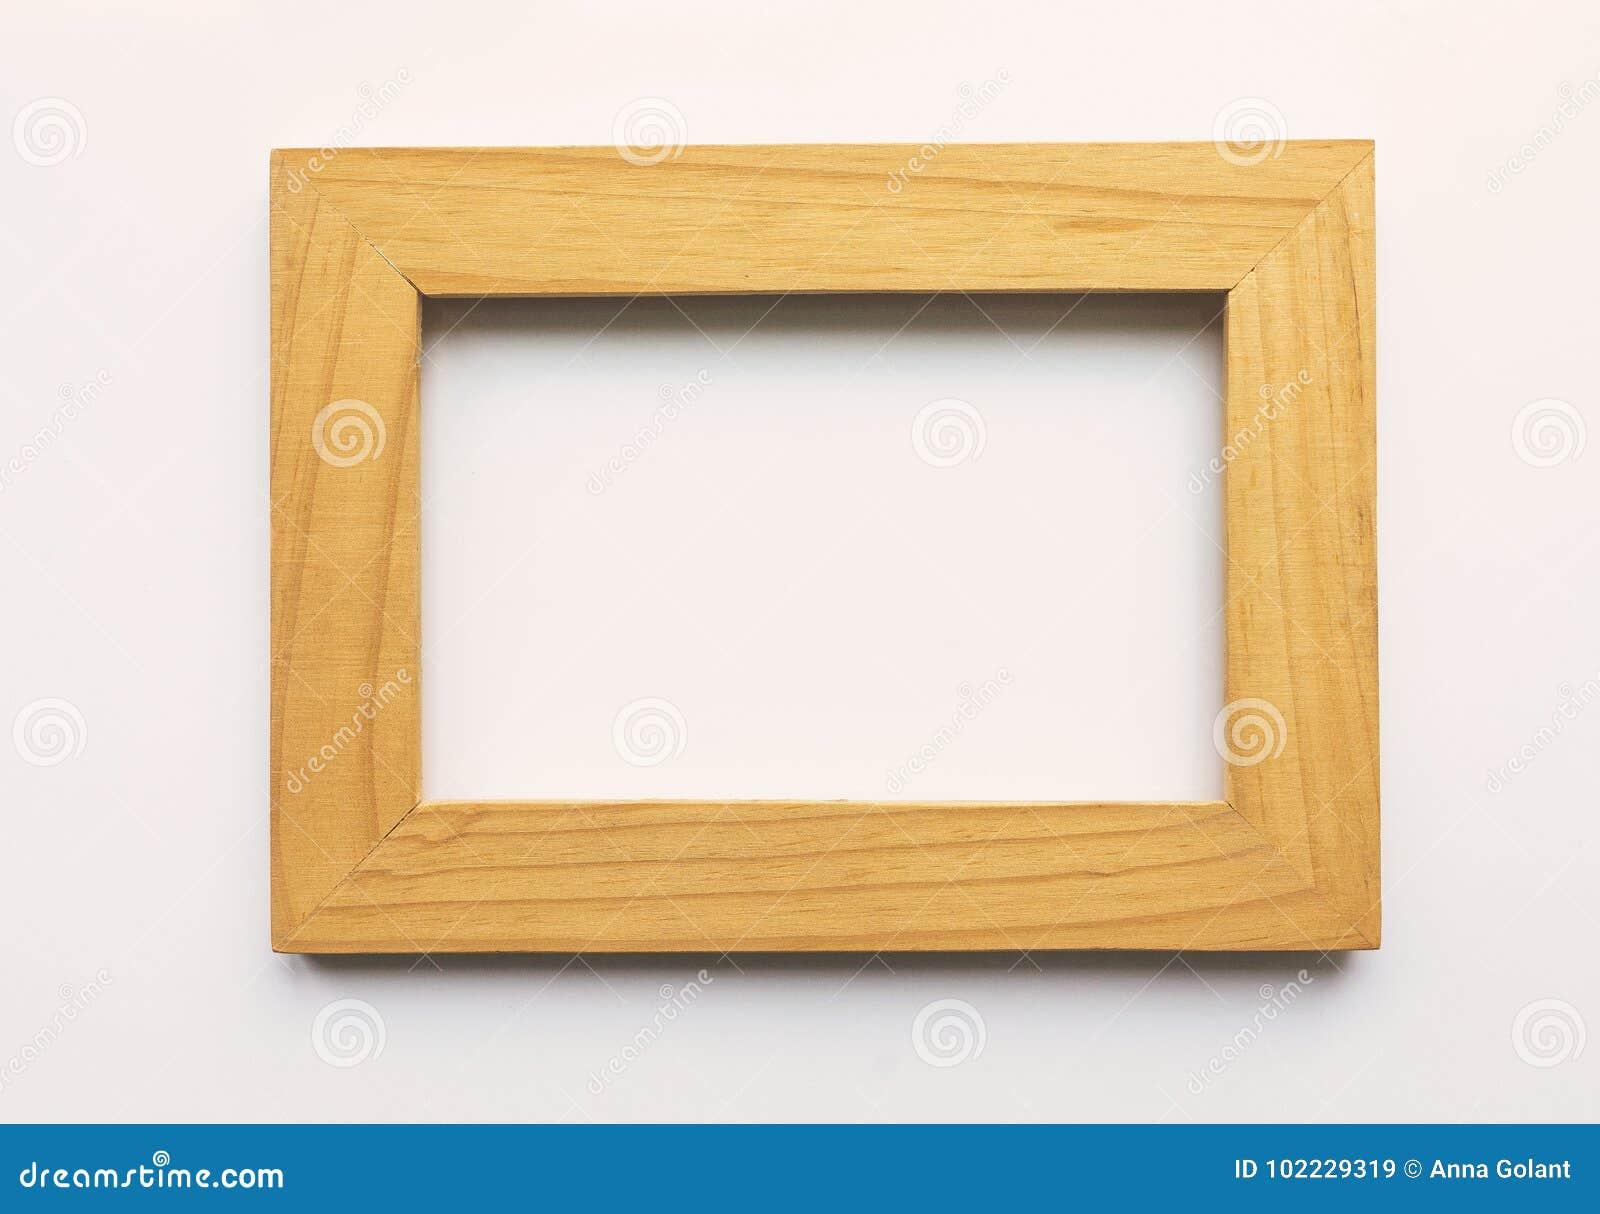 Hölzerner rechteckiger Fotorahmen auf weißem Hintergrund Nahaufnahme Beschneidungspfad eingeschlossen Niemand, leer